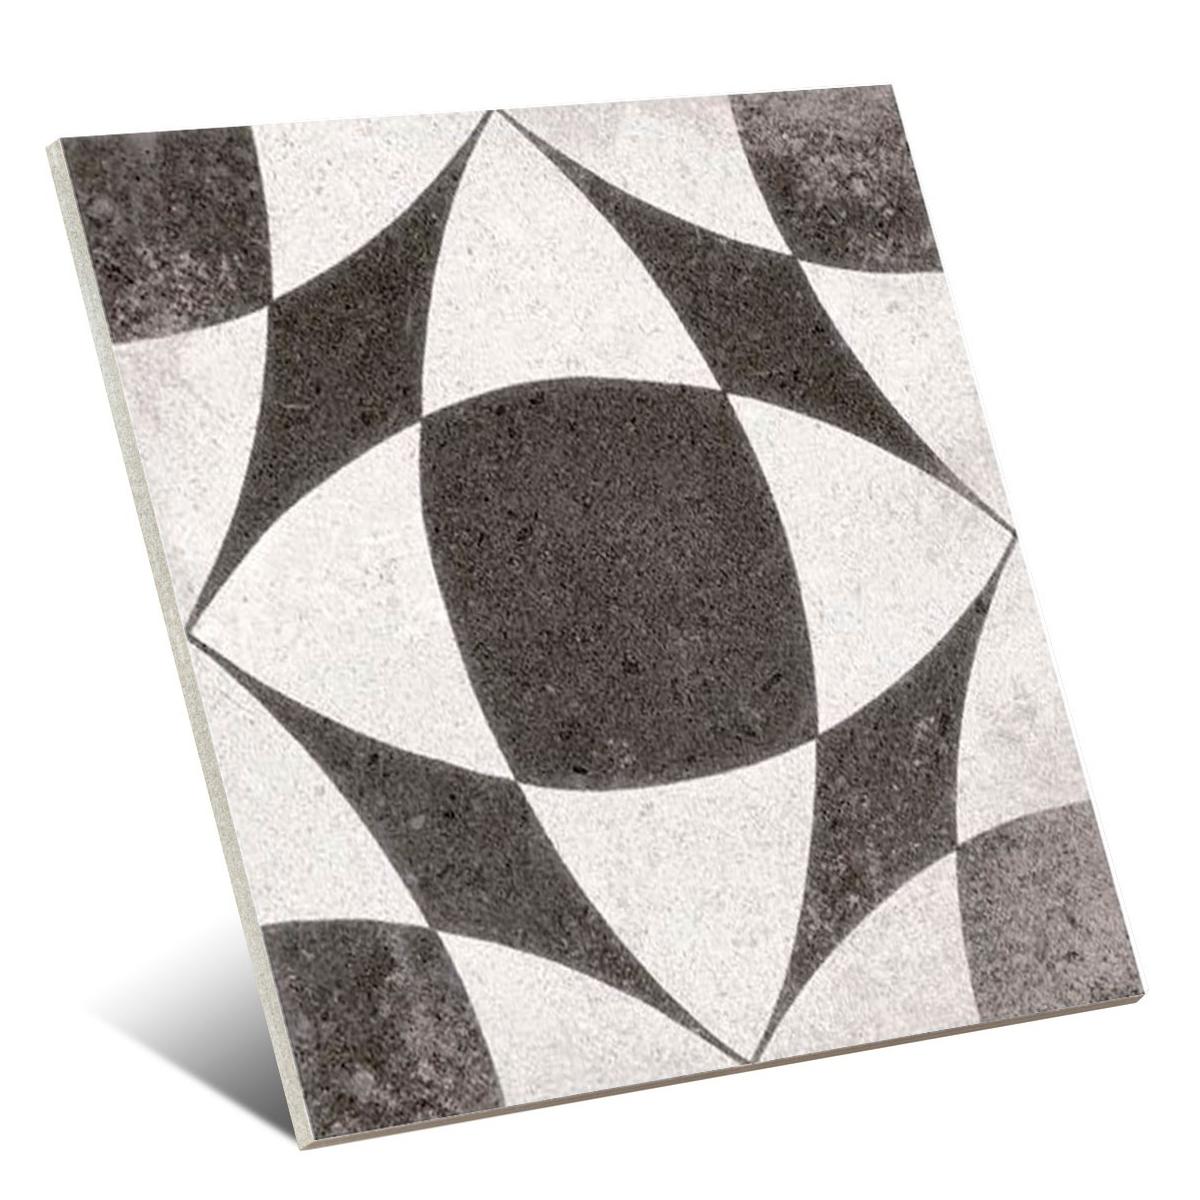 Berkane Negro 20x20 (m2) - Colección Nassau de Vives - Marca Vives